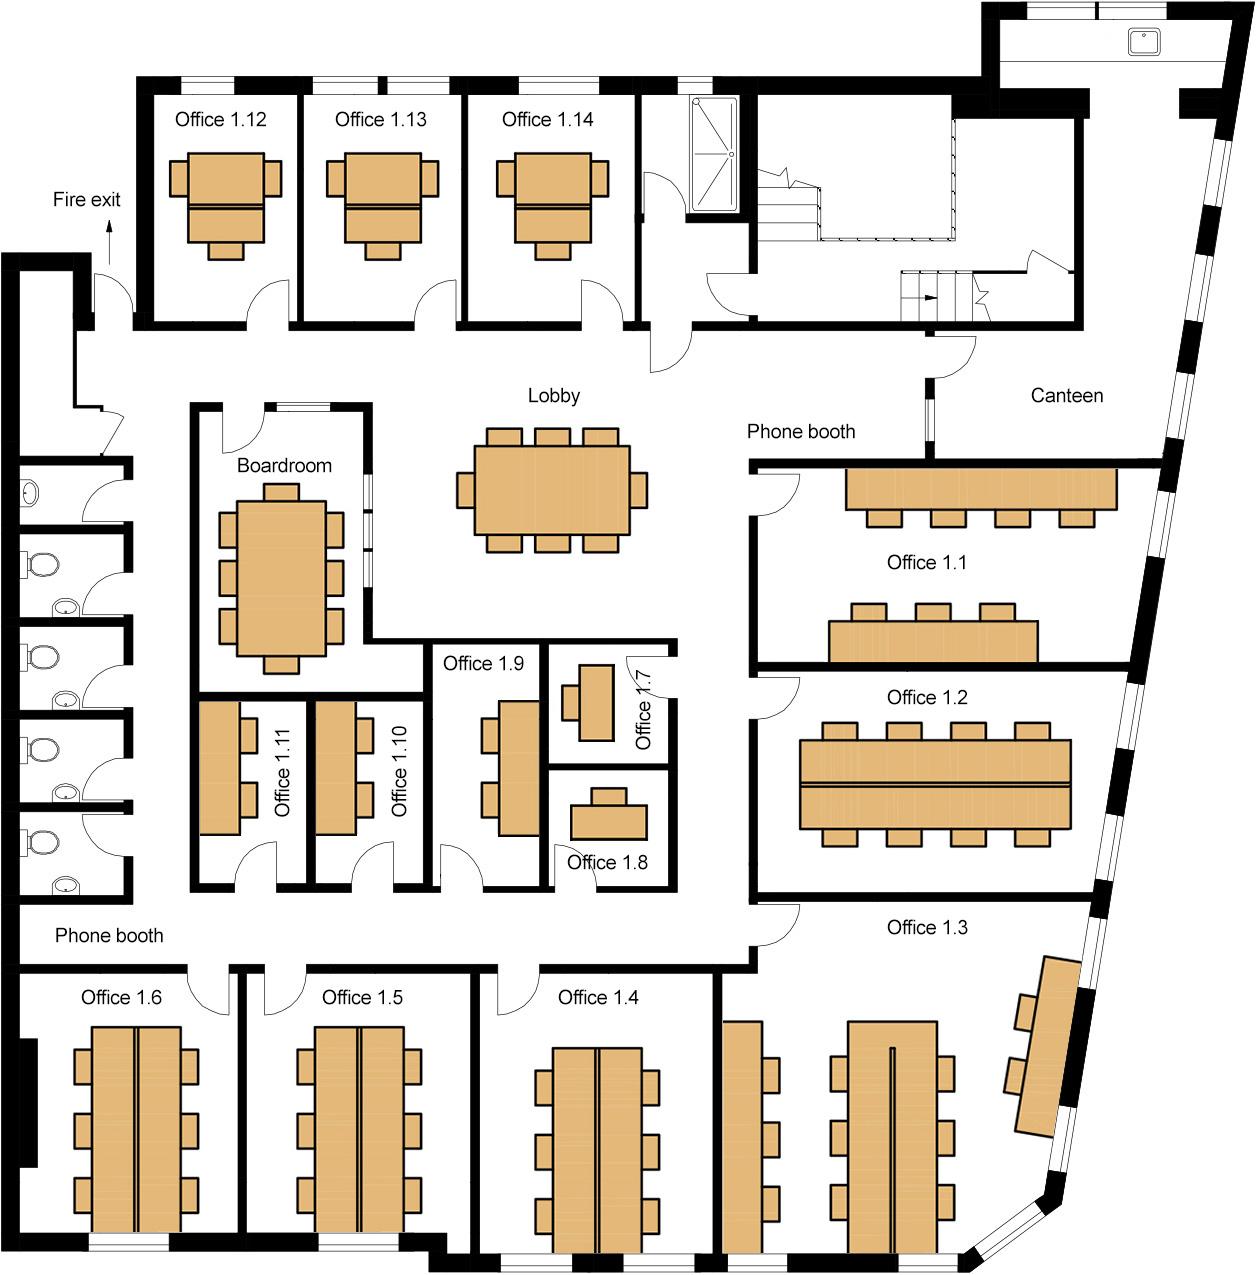 2 Allen Street, Kensington – first floor plans